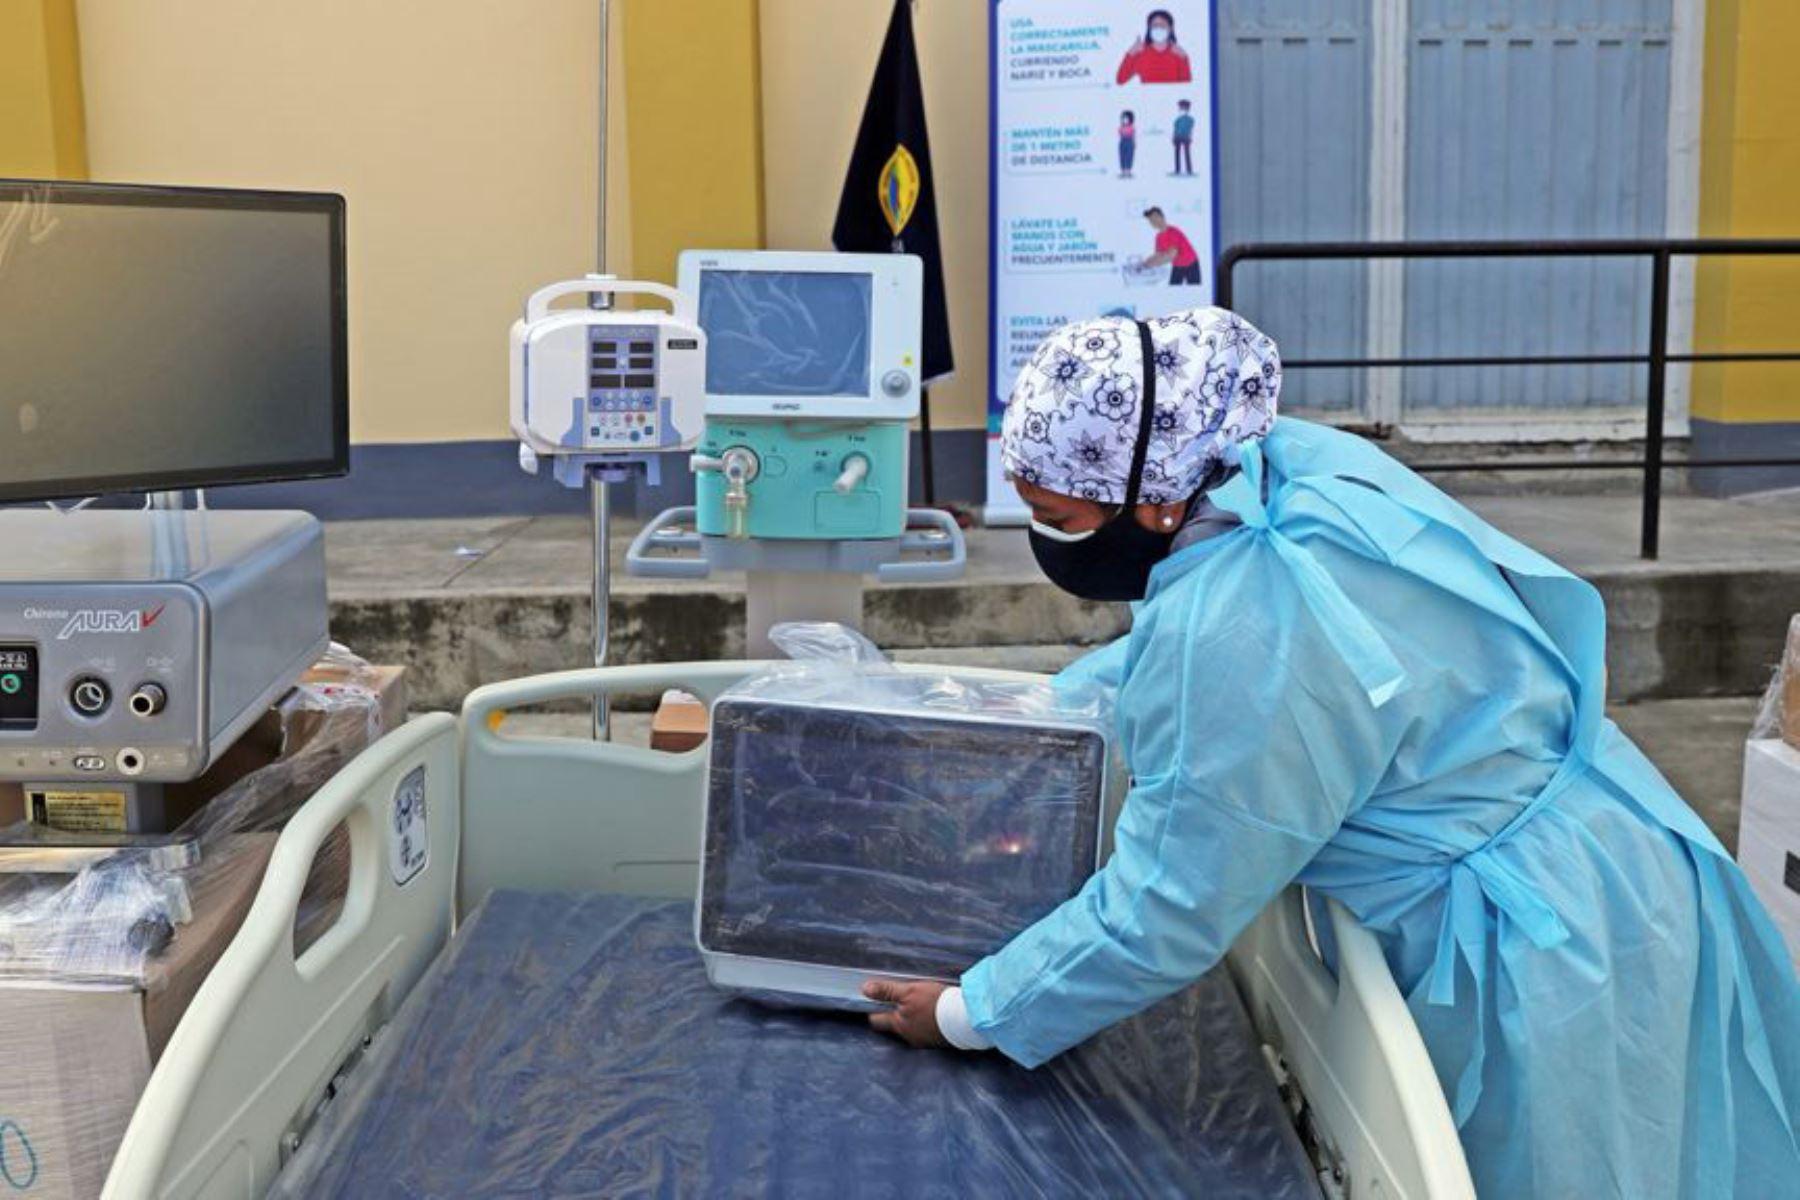 La región Áncash cuenta con más equipos para optimizar las unidades de cuidados intensivos. Foto: ANDINA/Minsa